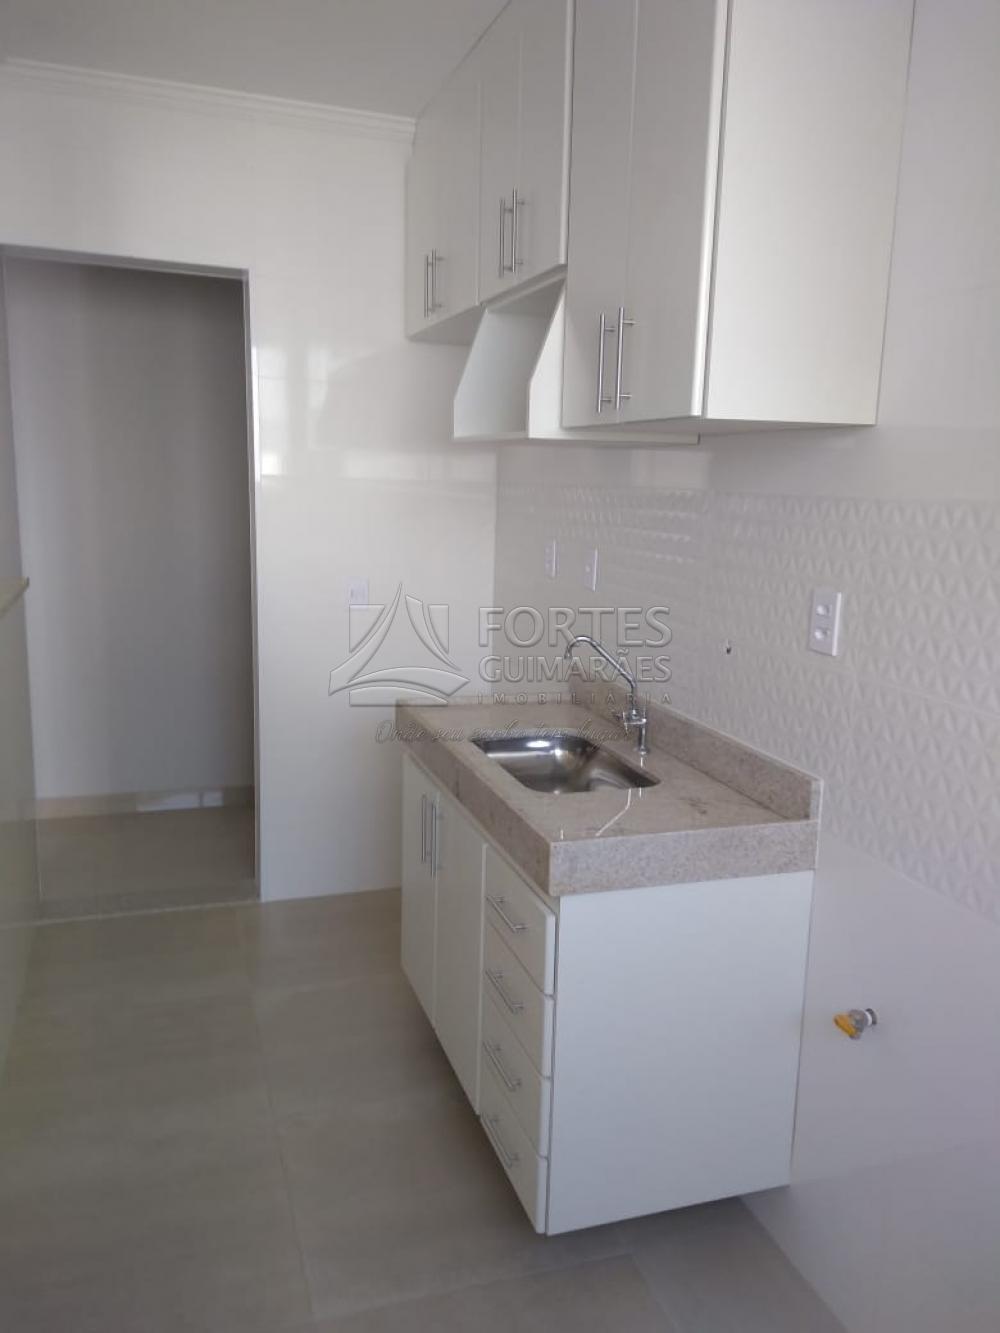 Alugar Apartamentos / Padrão em Ribeirão Preto apenas R$ 850,00 - Foto 17